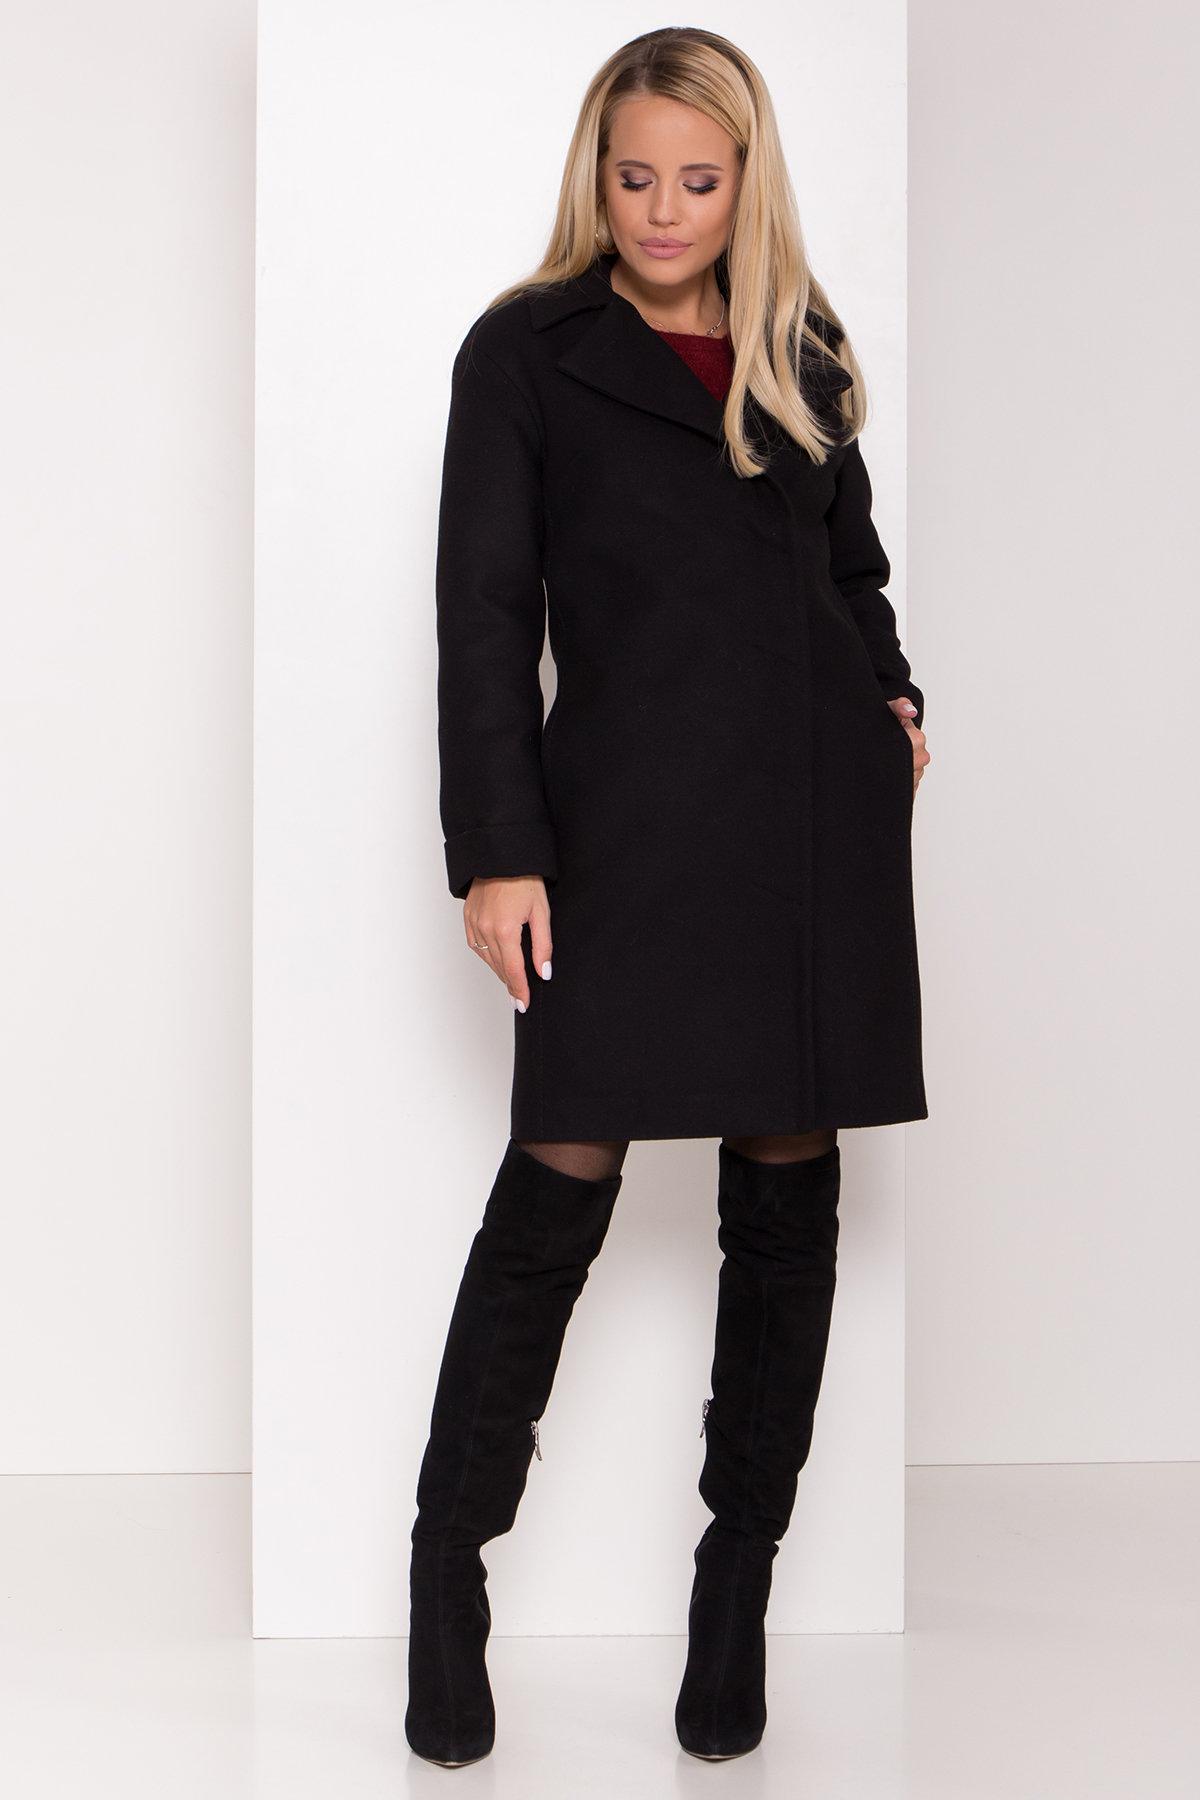 Зимнее пальто в классическом стиле Лизи 8179 АРТ. 44194 Цвет: Черный НL -1 - фото 3, интернет магазин tm-modus.ru